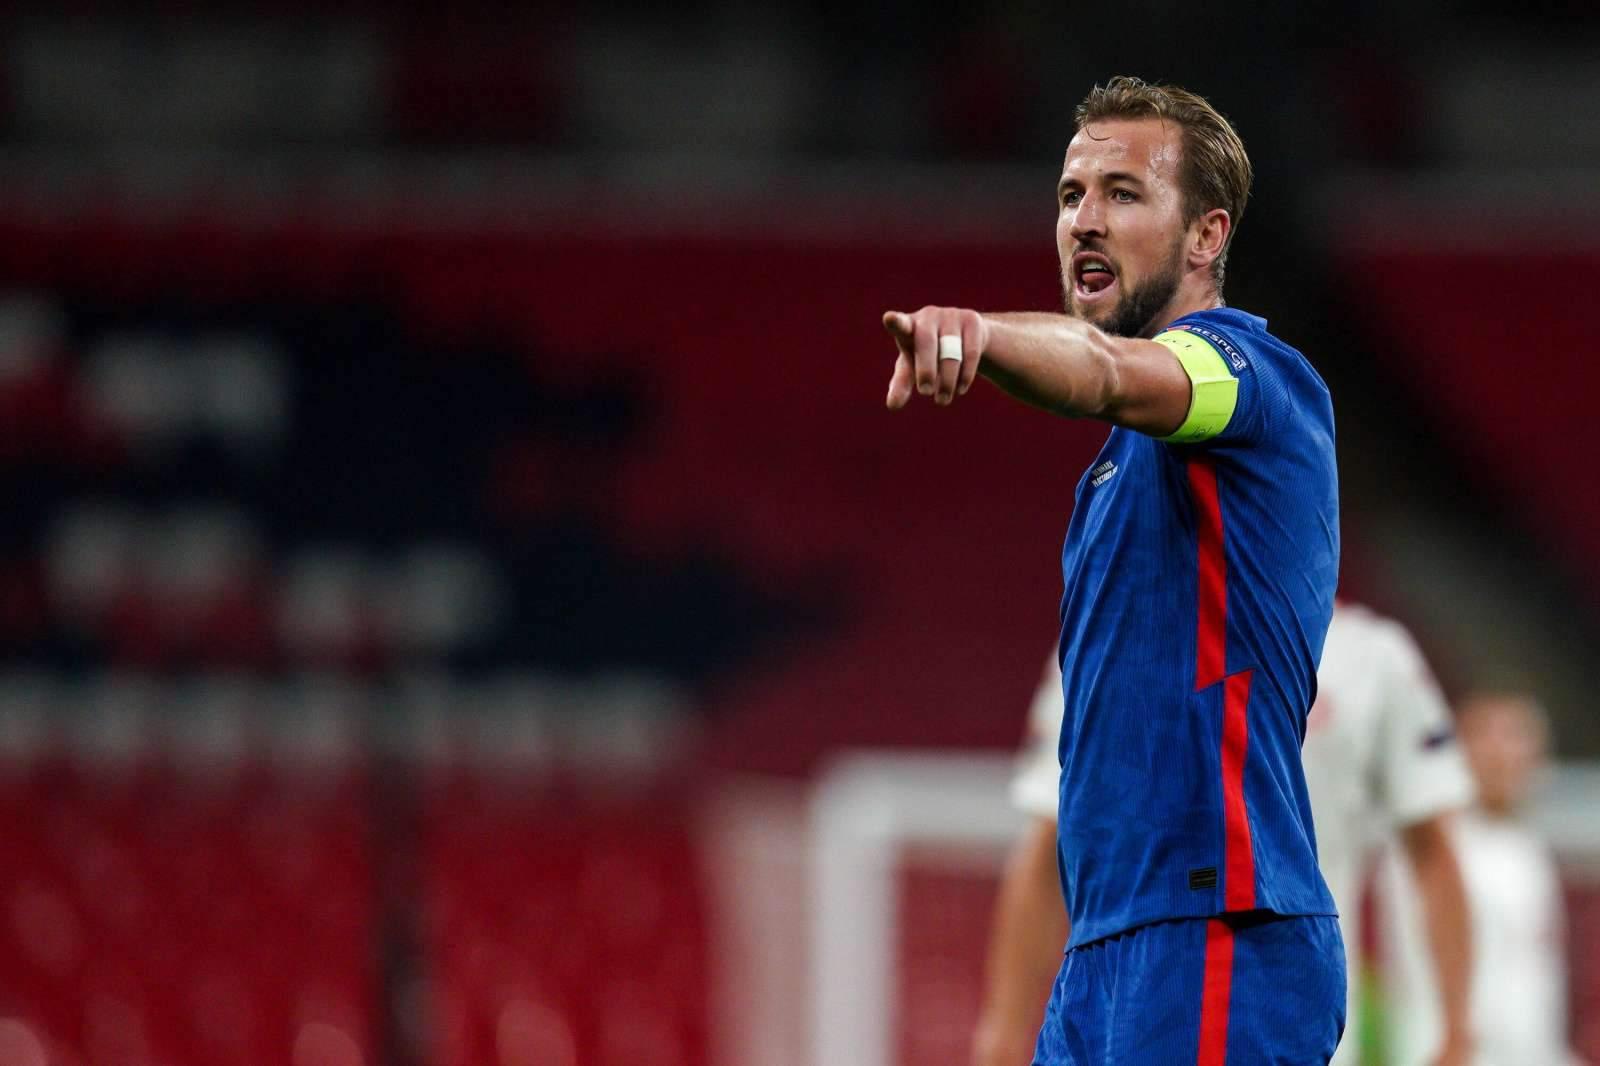 Кейн: «Сборная Англии отлично смотрелась, но нам не повезло пропустить два гола»